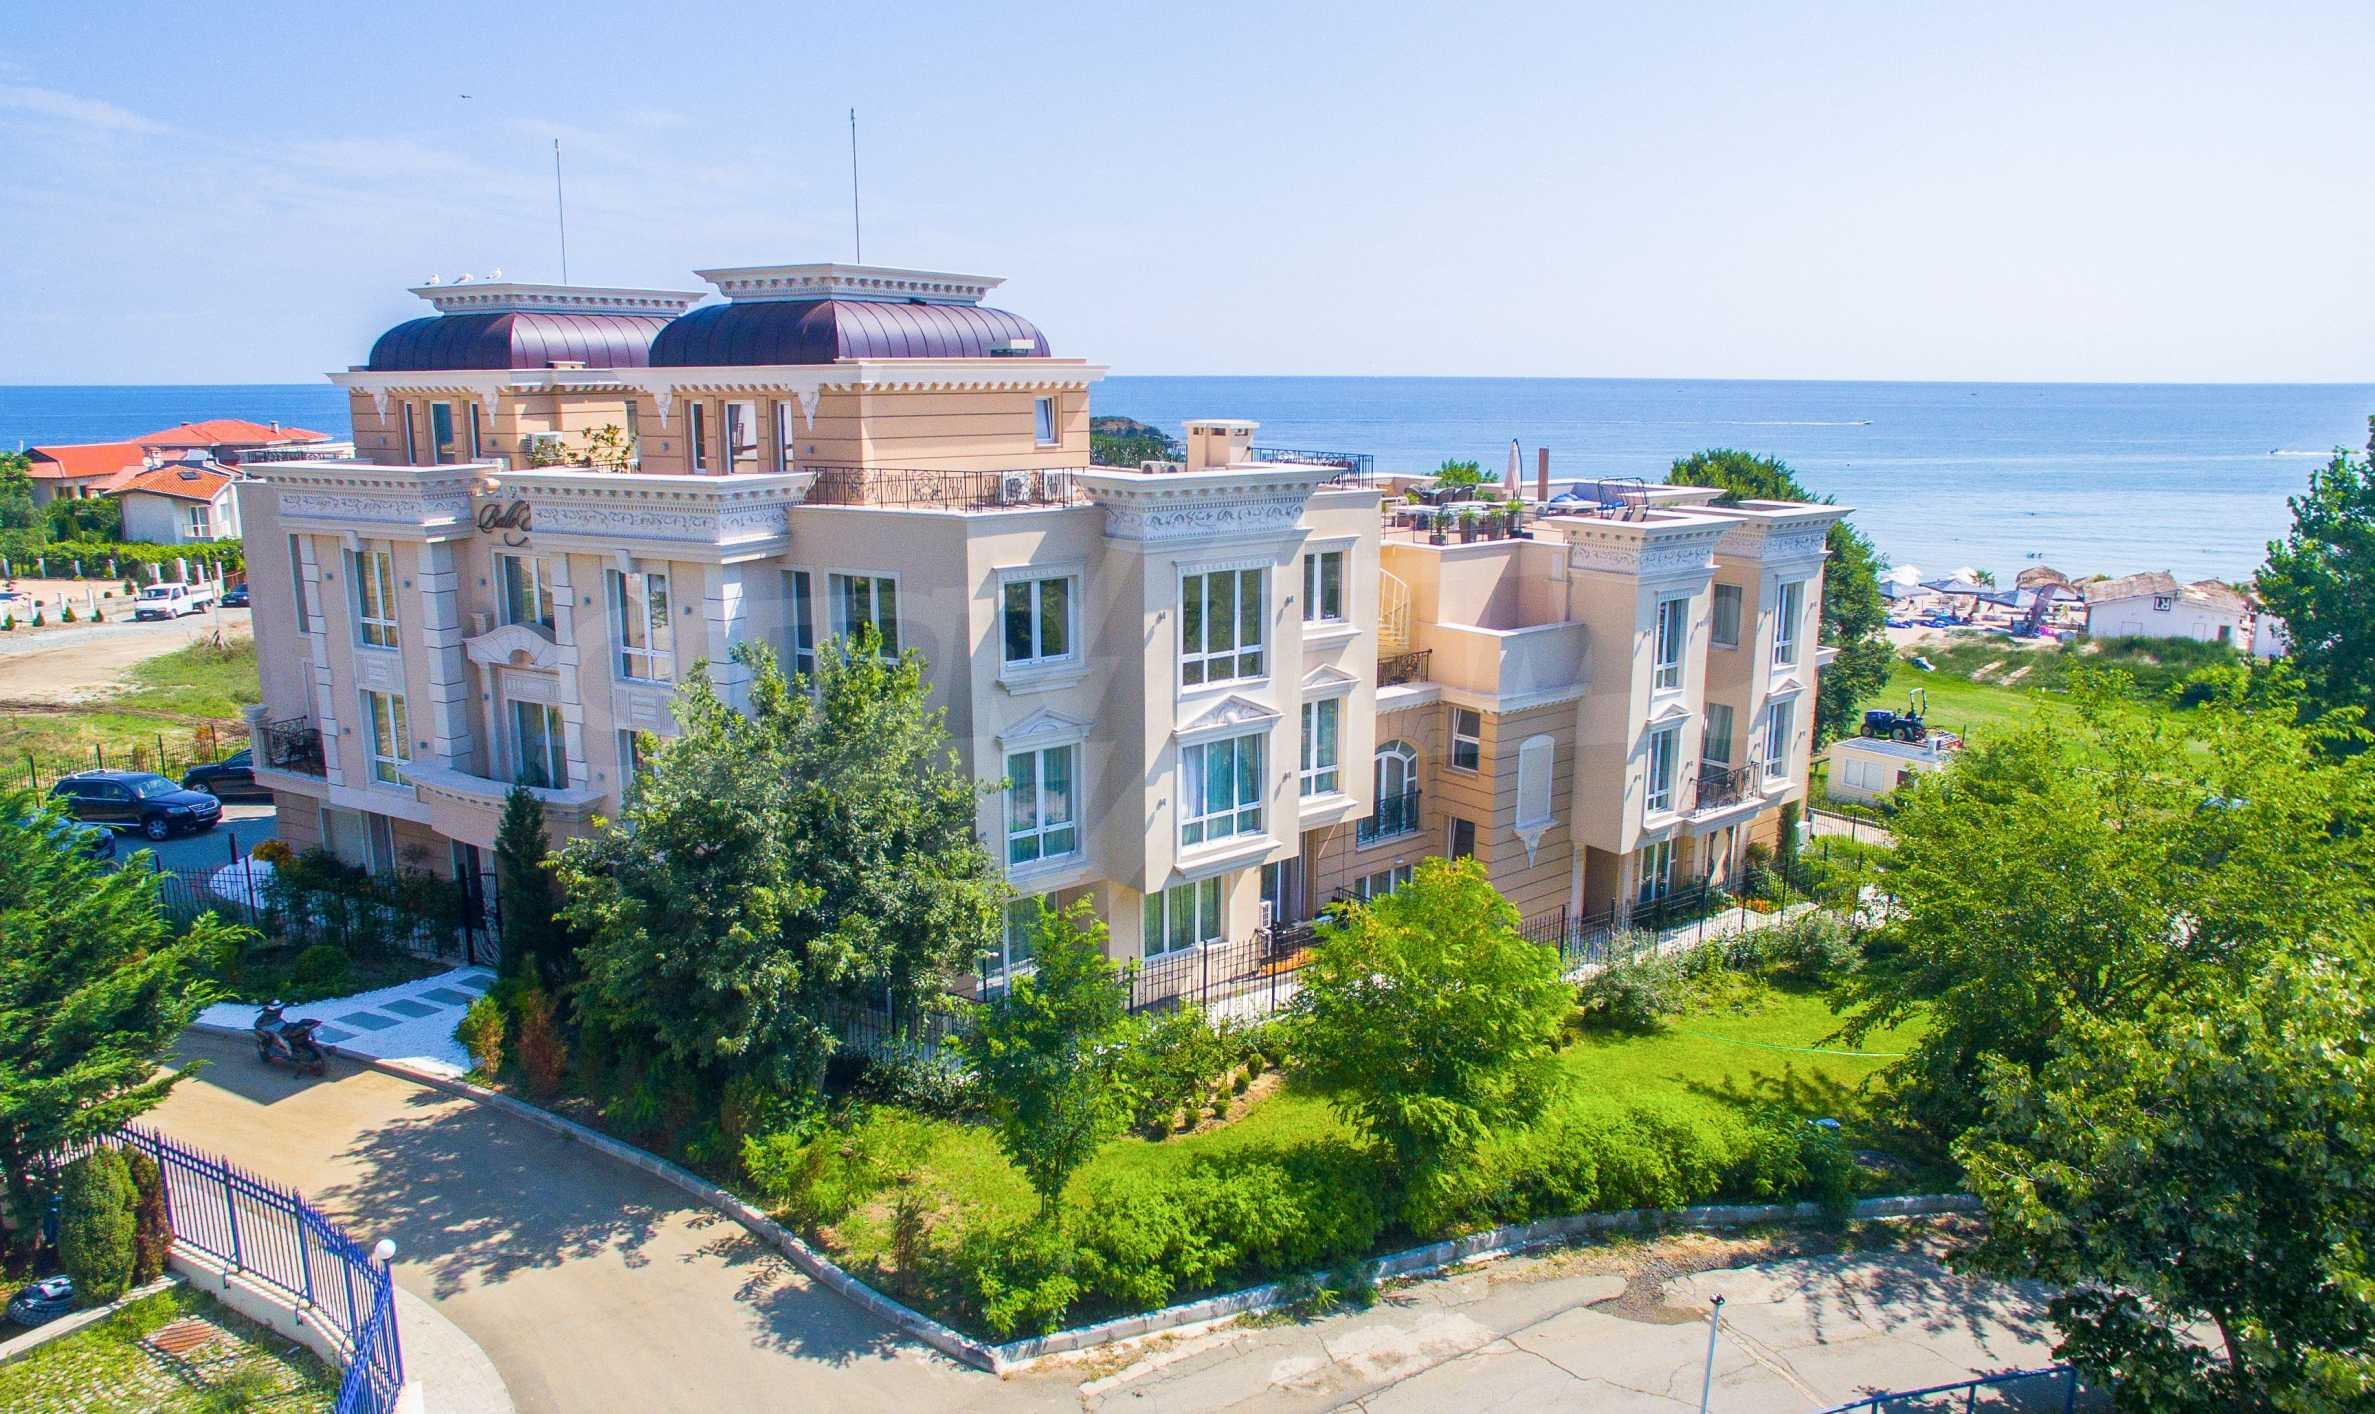 Двустаен апартамент в бутиковата резиденция до Централен плаж - Belle Époque (ап. №A 305) 22